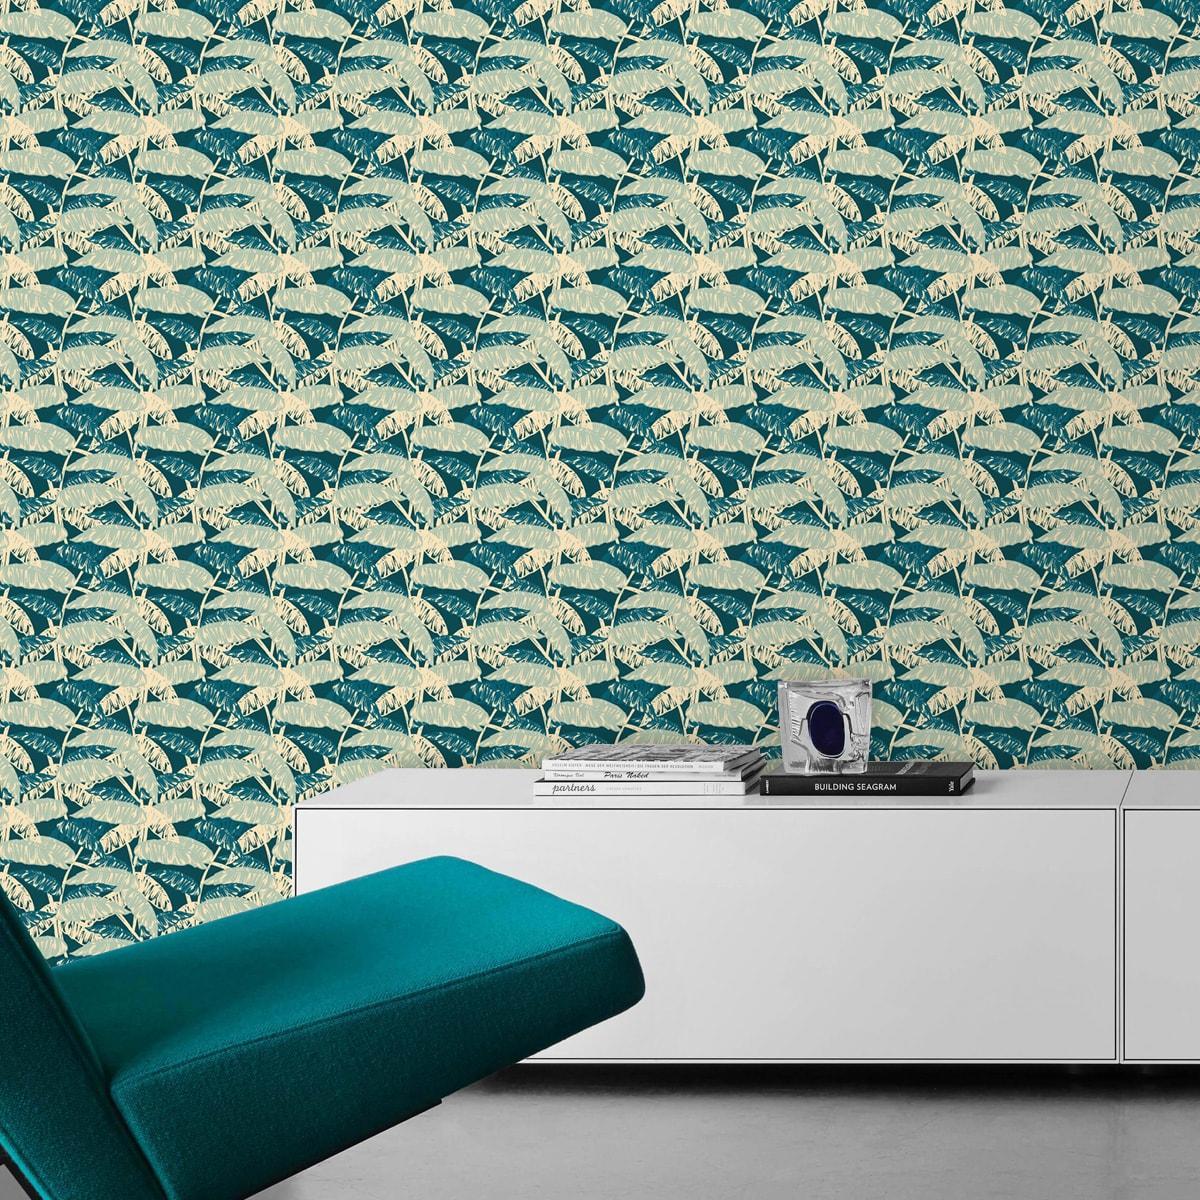 """Tapete für Büroräume grün: Grün blaue Tapete """"Wild Bananas"""" mit Blättern, Vlies Tapete üppige Blumentapete für Flur, Büro"""